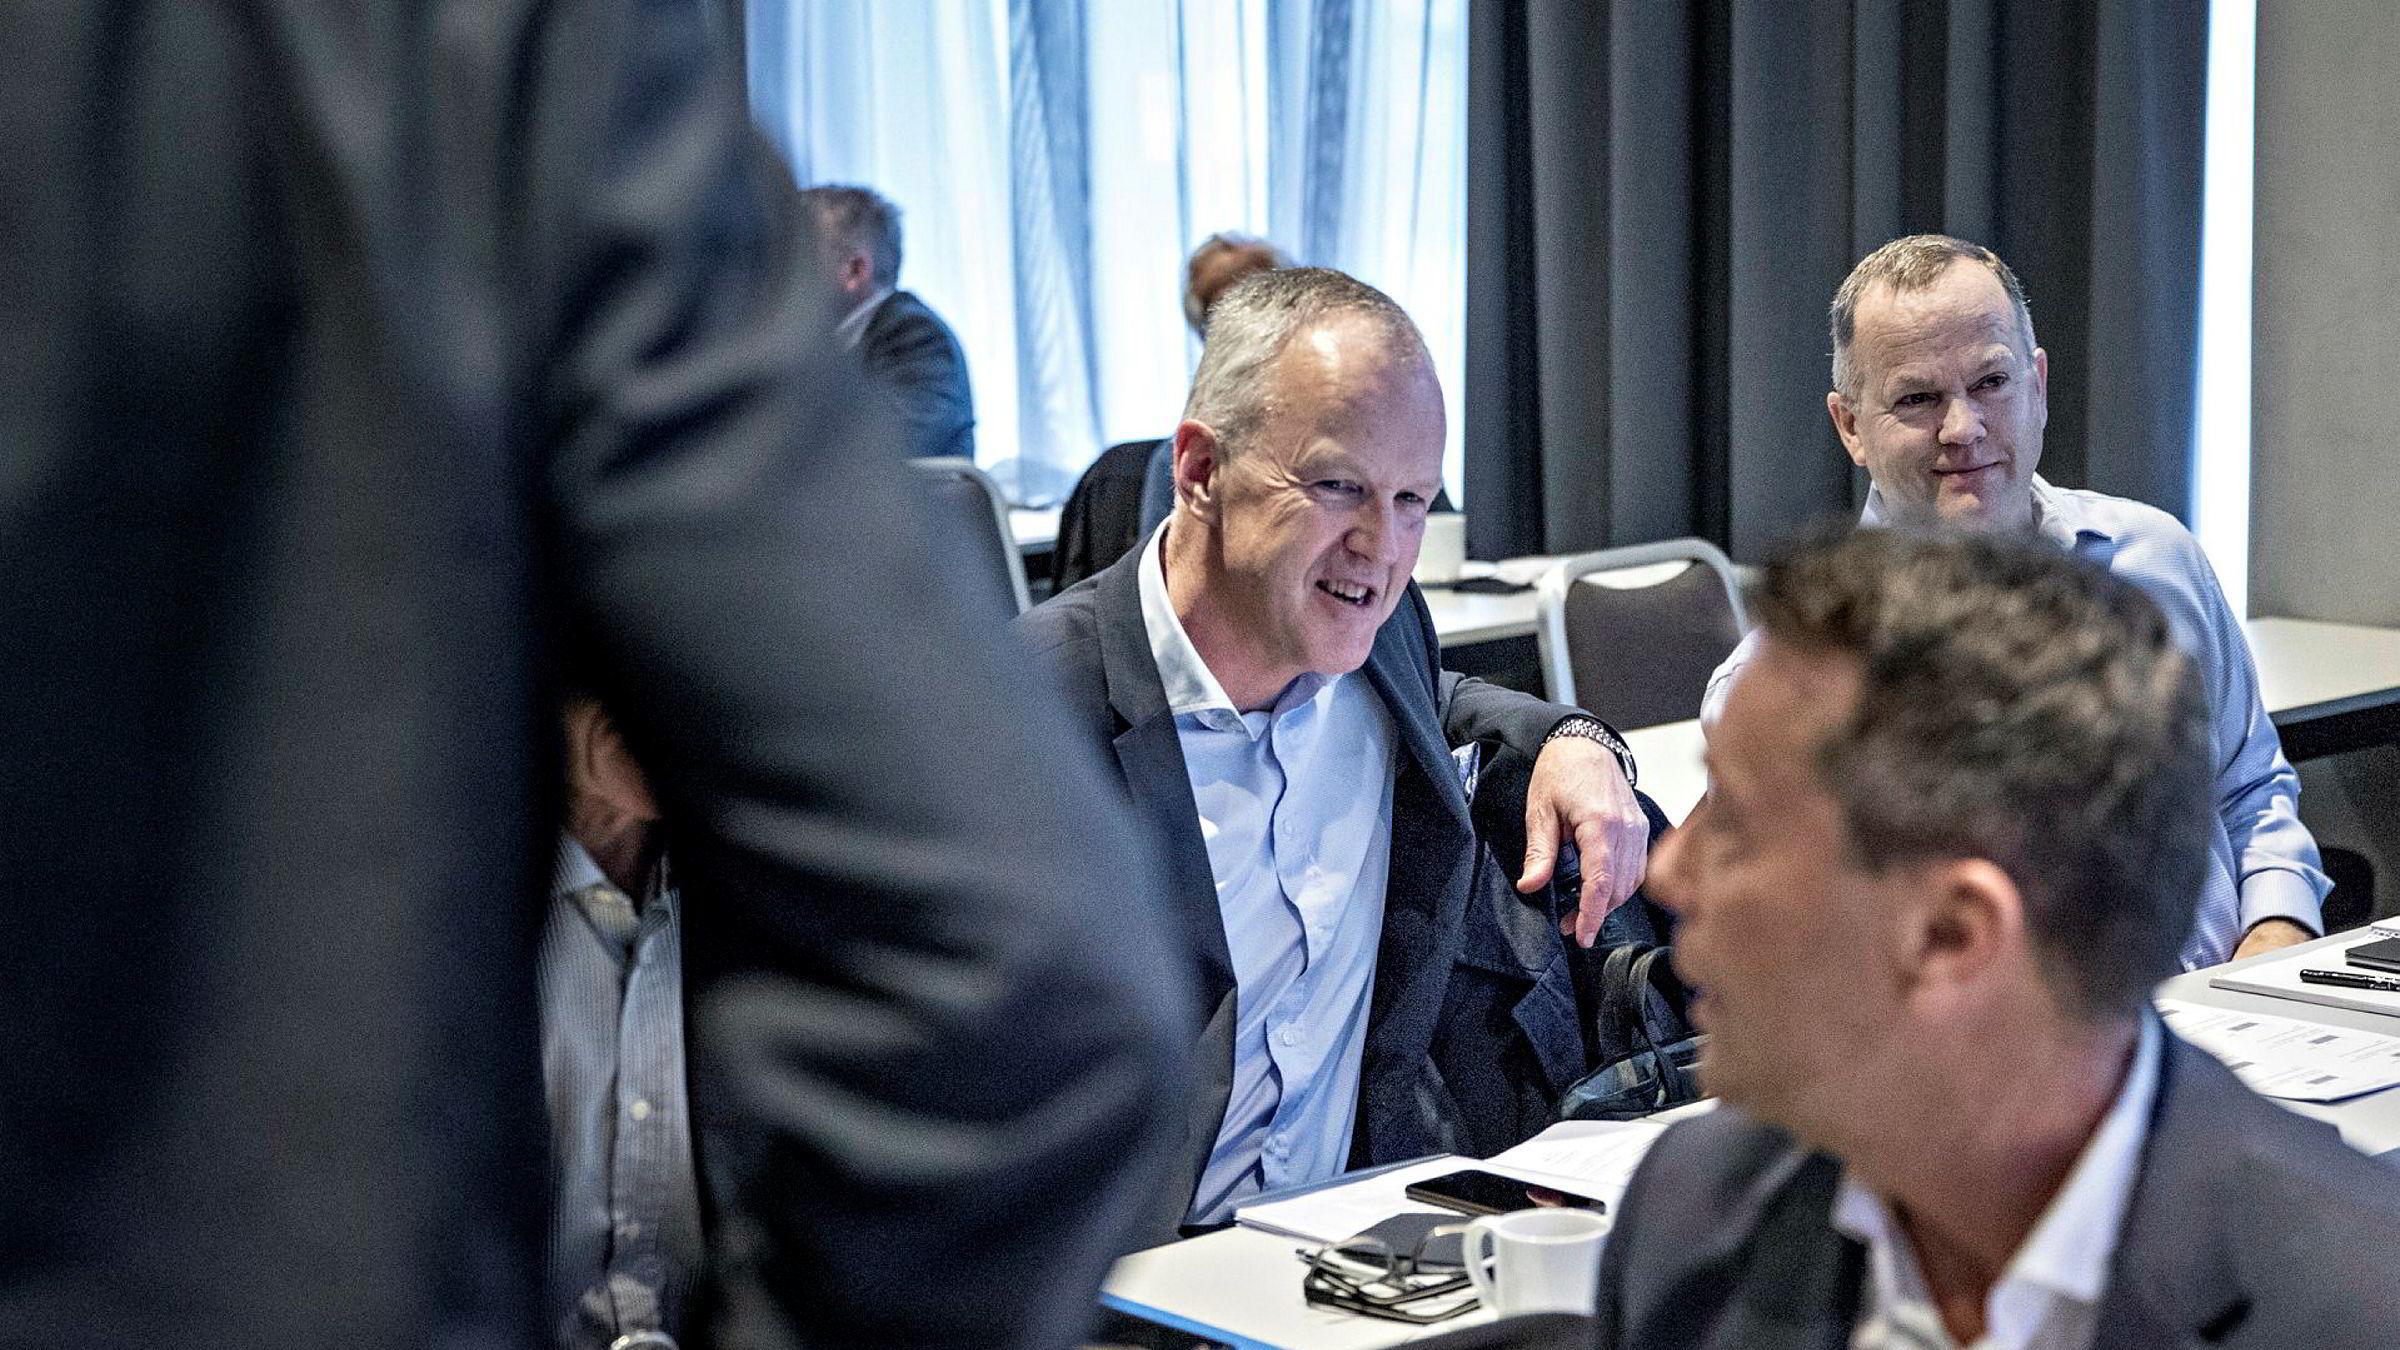 Direktør Ole-Wilhelm Meyer i Opplysningsvesenets fond frontet benkeforslaget til nytt konsernstyre i Mentor Medier på generalforsamlingen i Mentor Medier på Plaza i Oslo. Foran: Styreleder Tomas Brunegård.